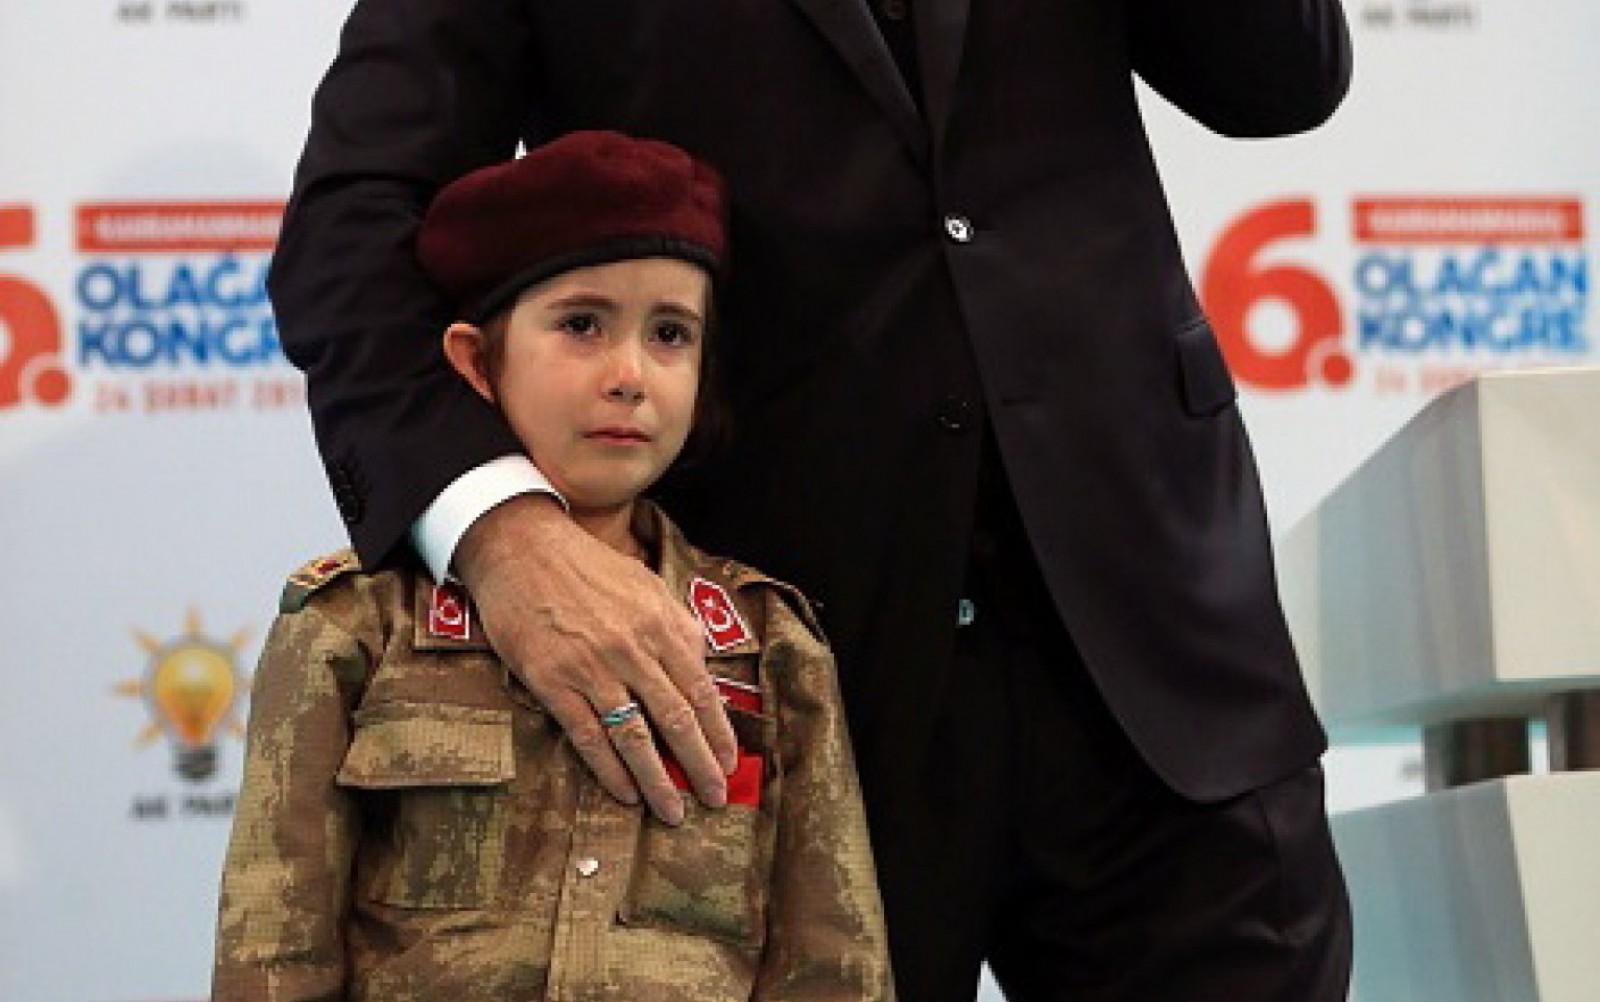 recept erdogan, presedintele turcia, copil soldat in lacrimi, razboi turcia, curzii din turcia